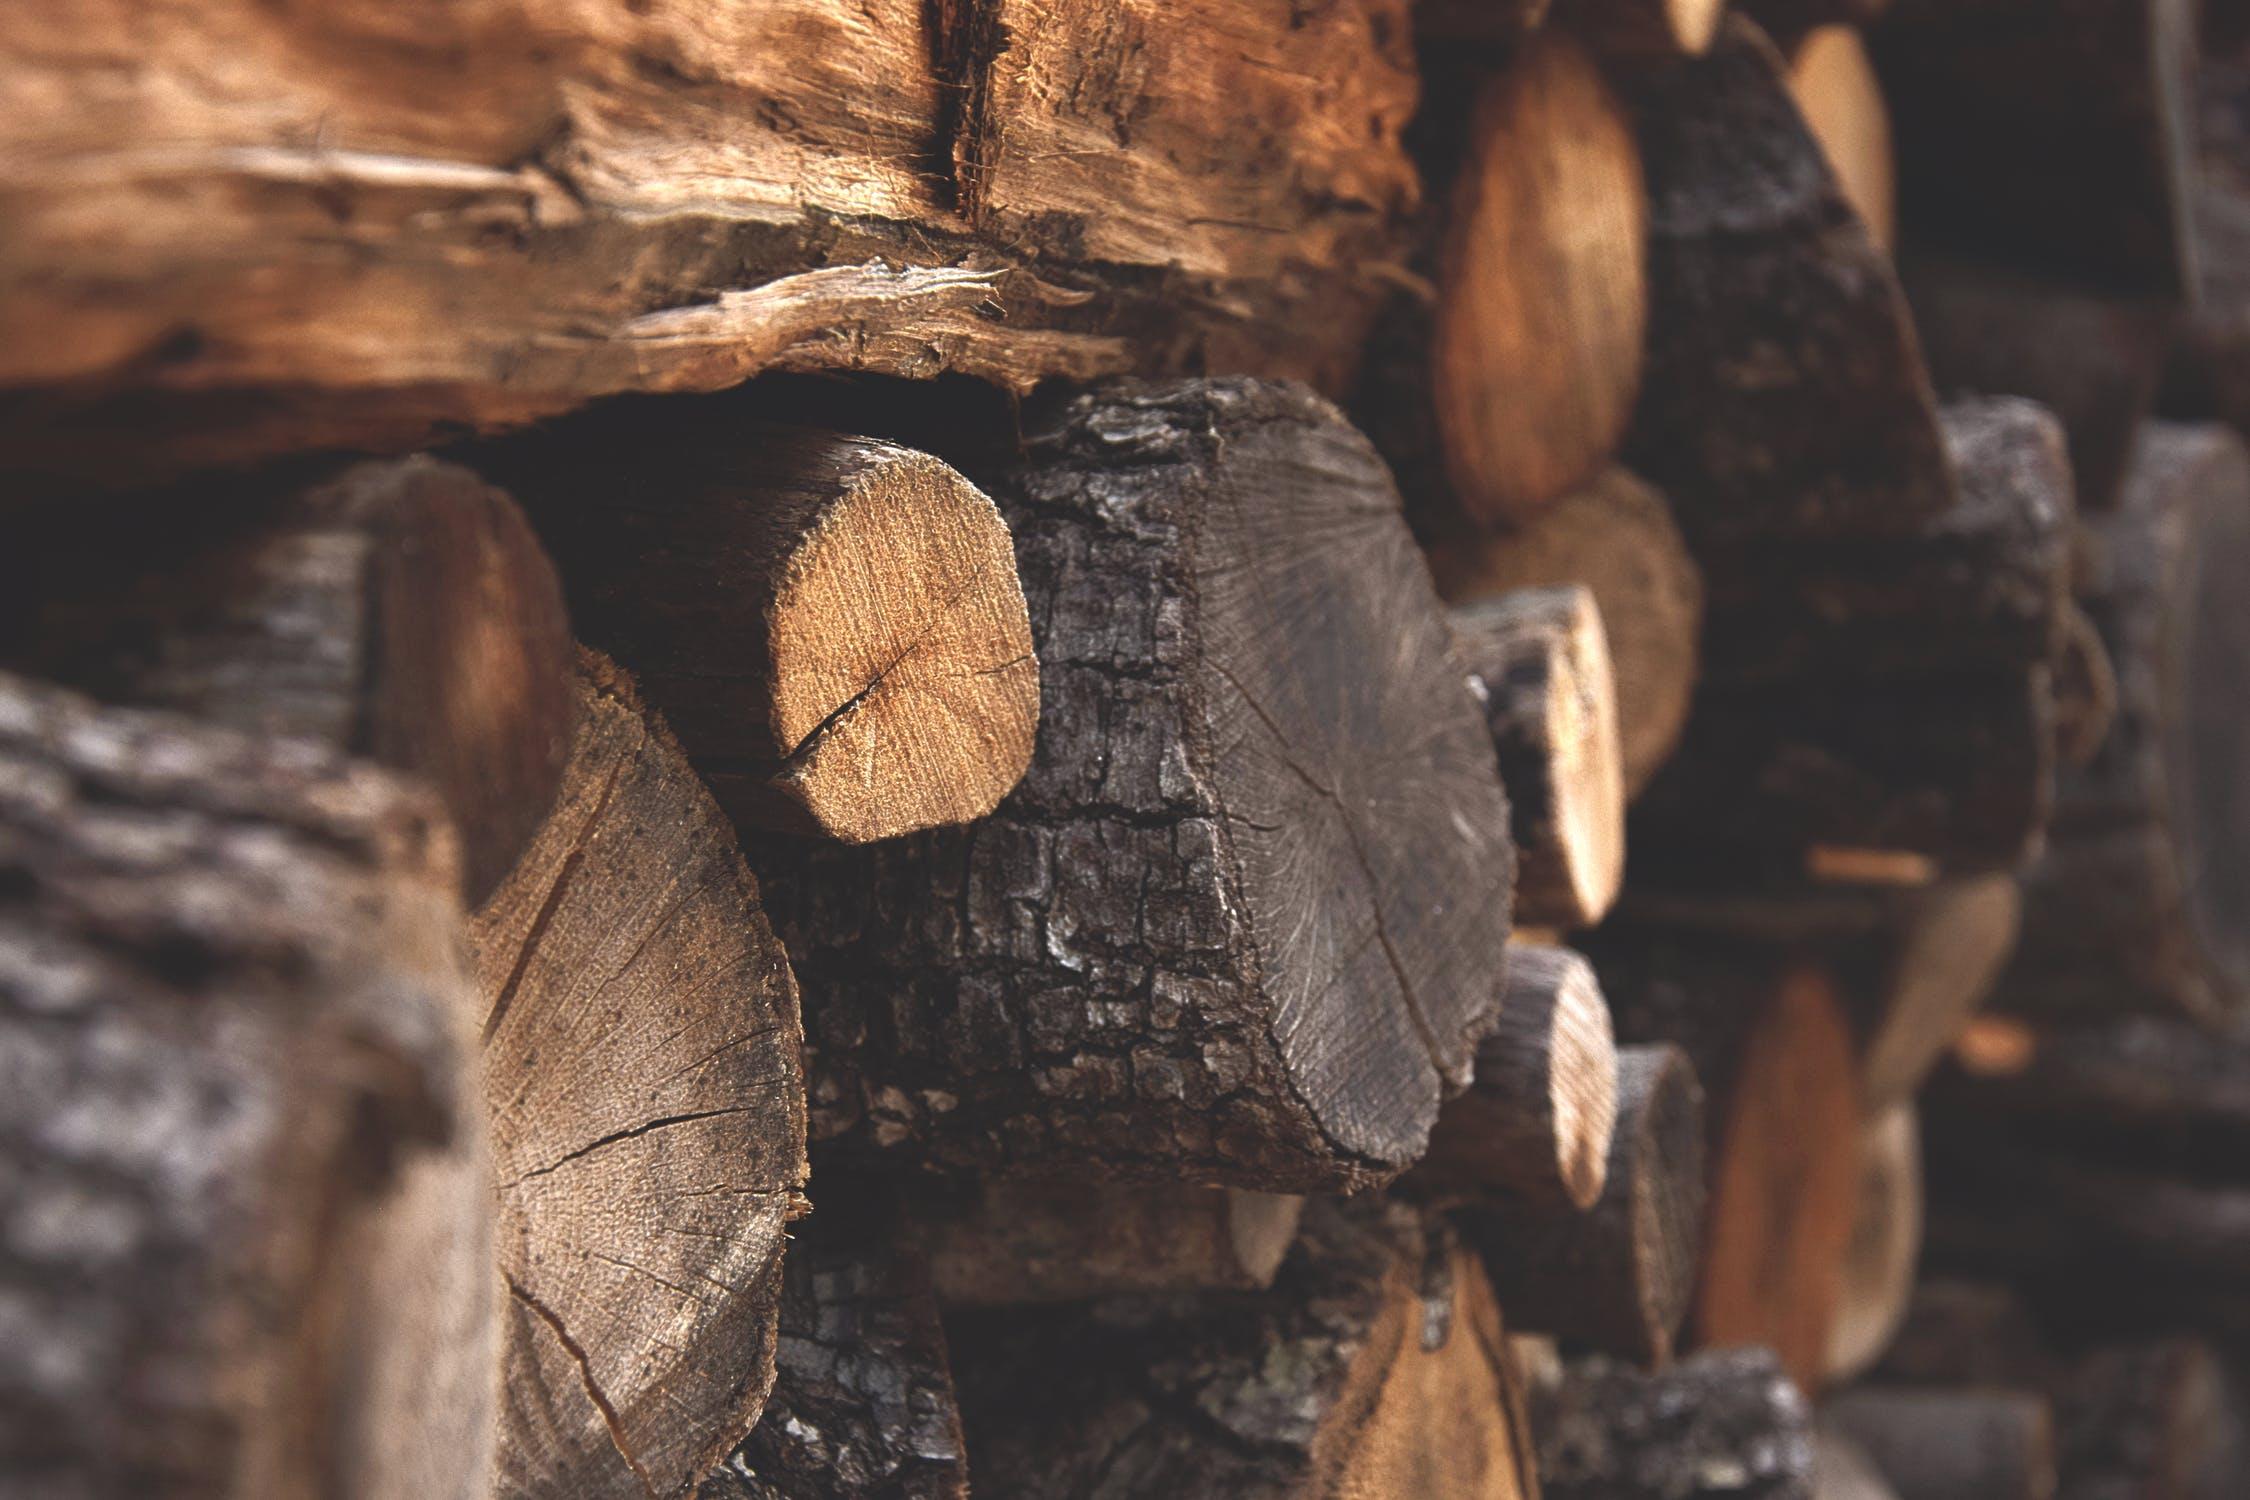 Cathedra dřevo design nábytek lokální materiály ekologie